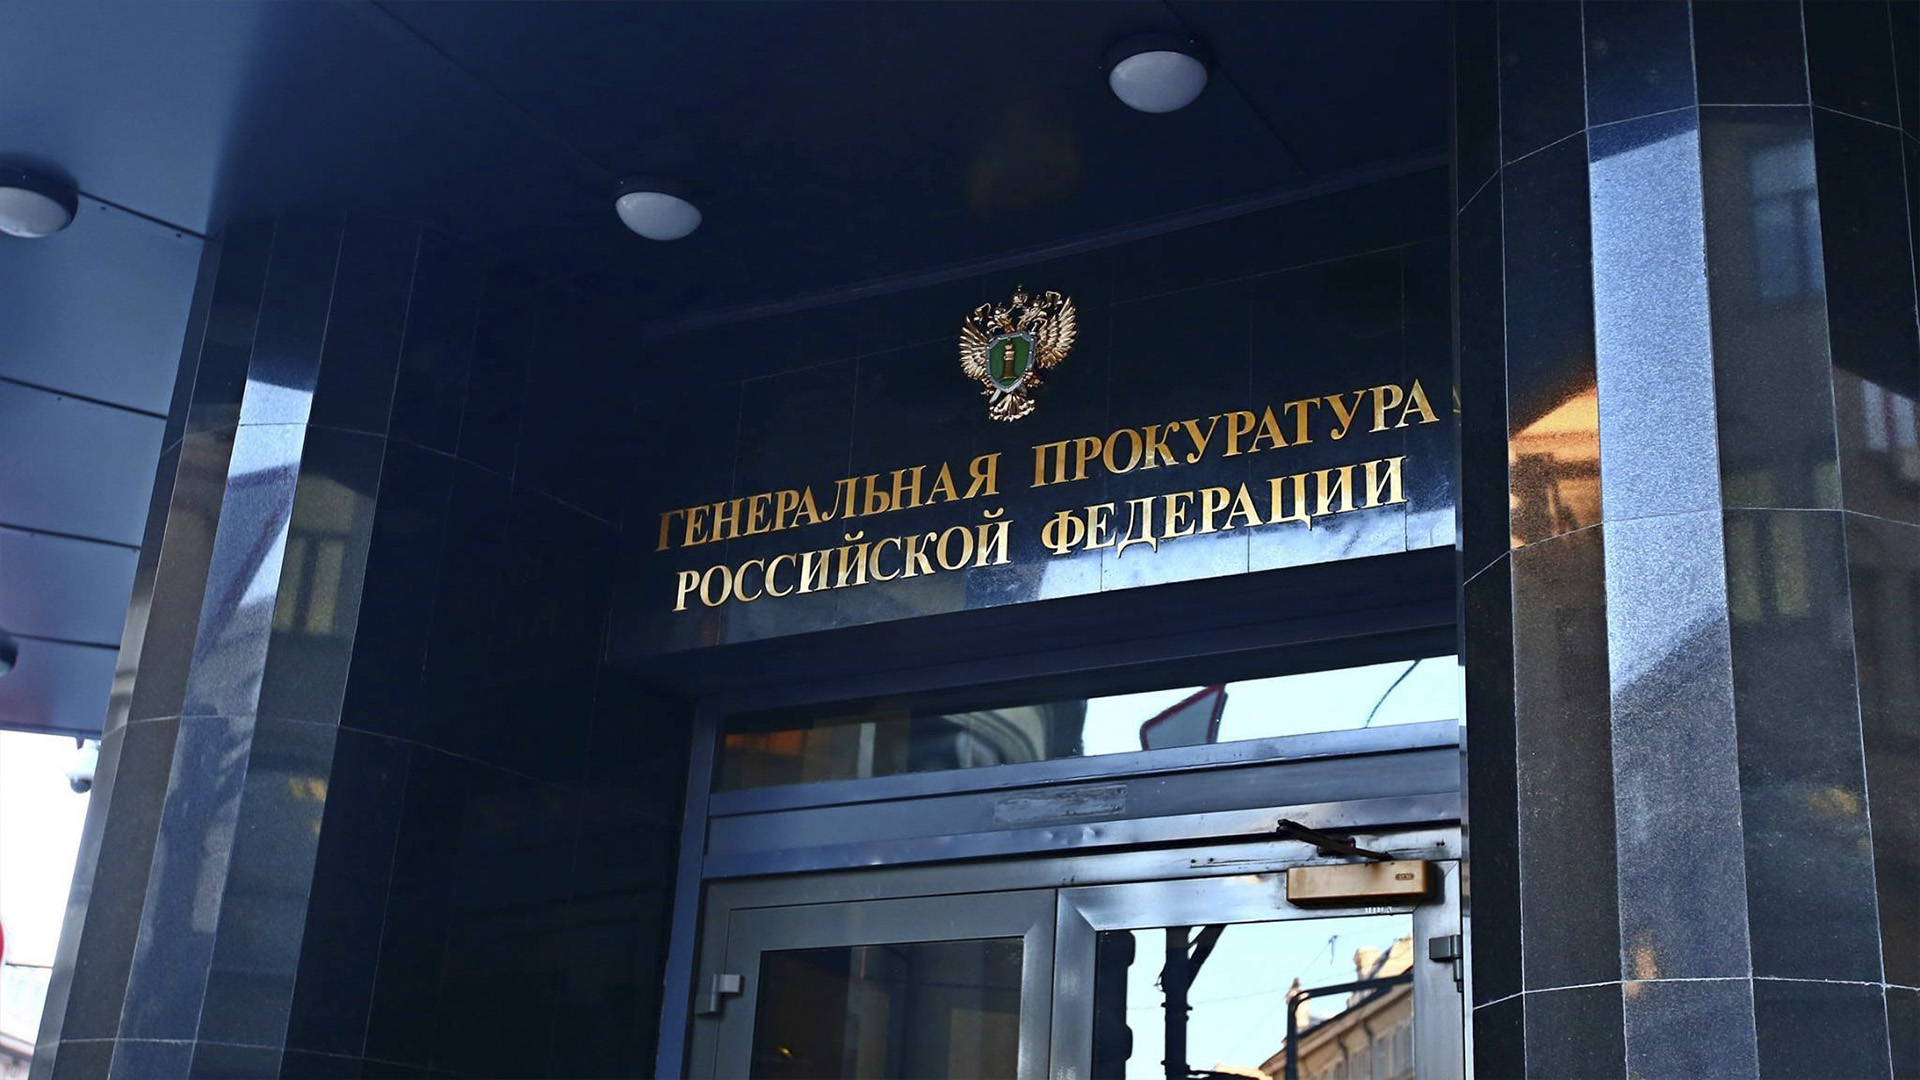 ФАС и Генпрокуратура спросят со страховых за полисы ОСАГО для такси